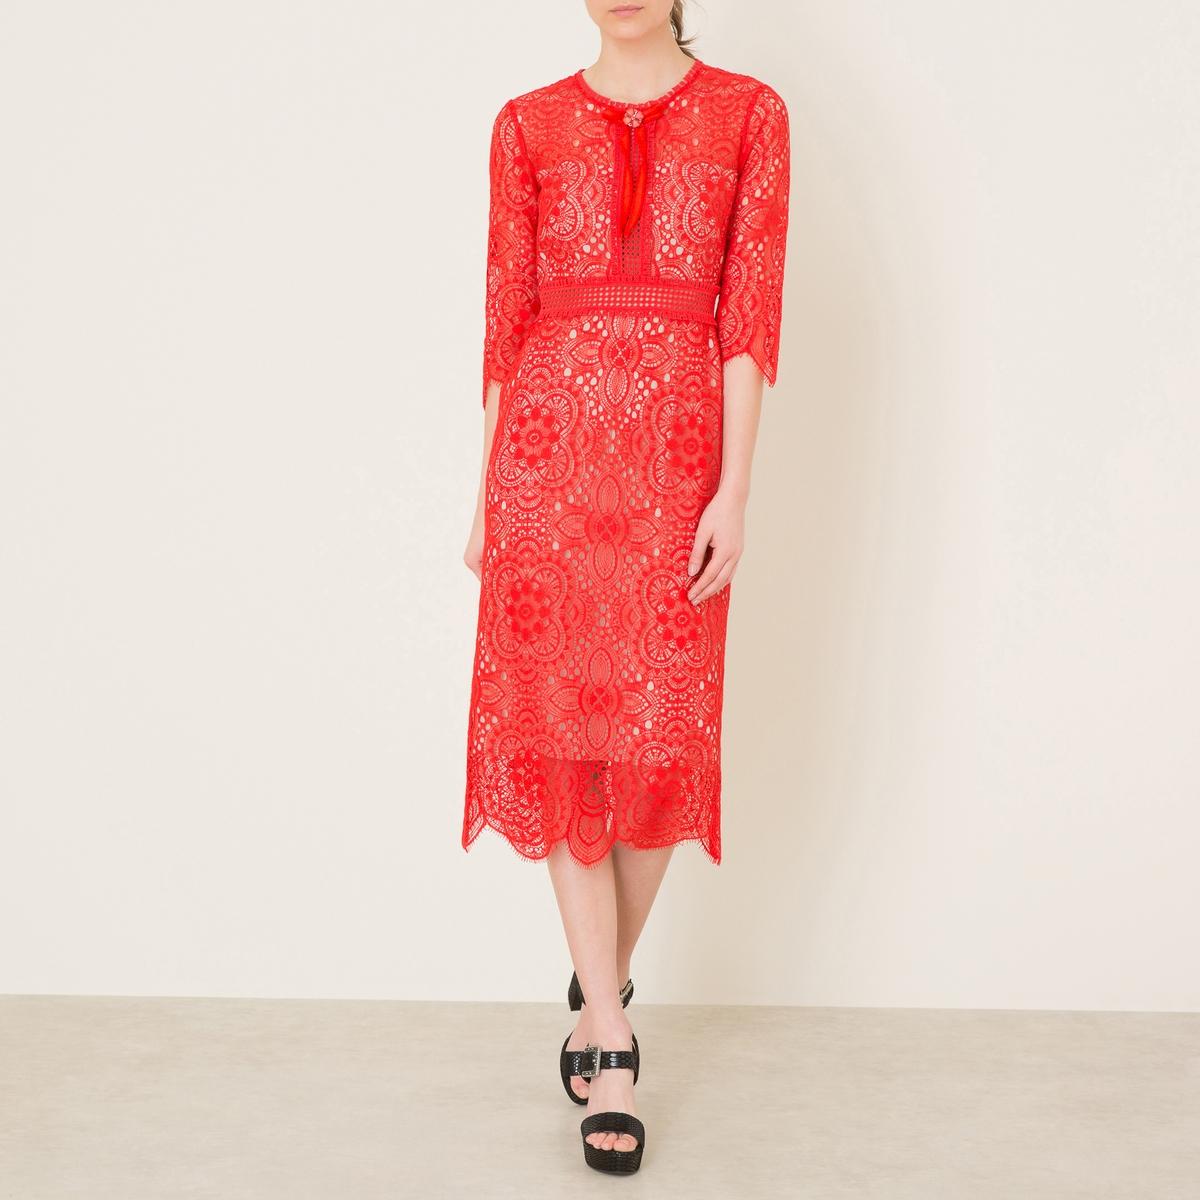 Платье из кружеваСостав и описание Материал : 65% хлопка, 35% полиамидаКружево  100% хлопок Подкладка 100% полиэстерБант 90% полиамида, 10% эластана Длина : ок. 49 см. для размера 36Марка : THE KOOPLES<br><br>Цвет: красный